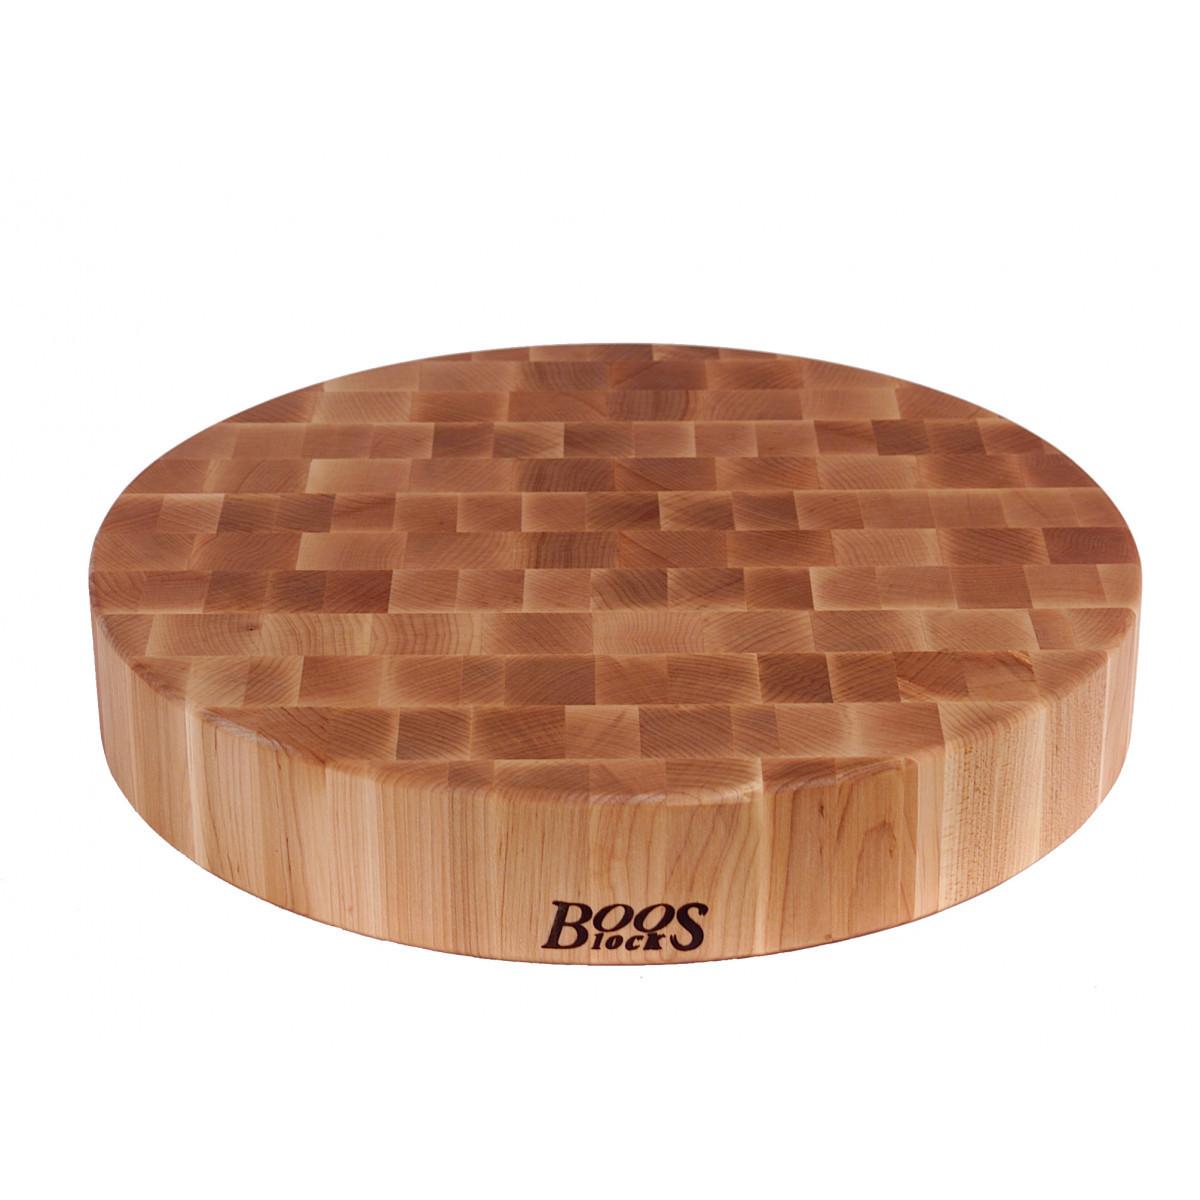 Boos Blocks Prep Blocks runder Hackblock 46 cm / Ahorn-Stirnholz